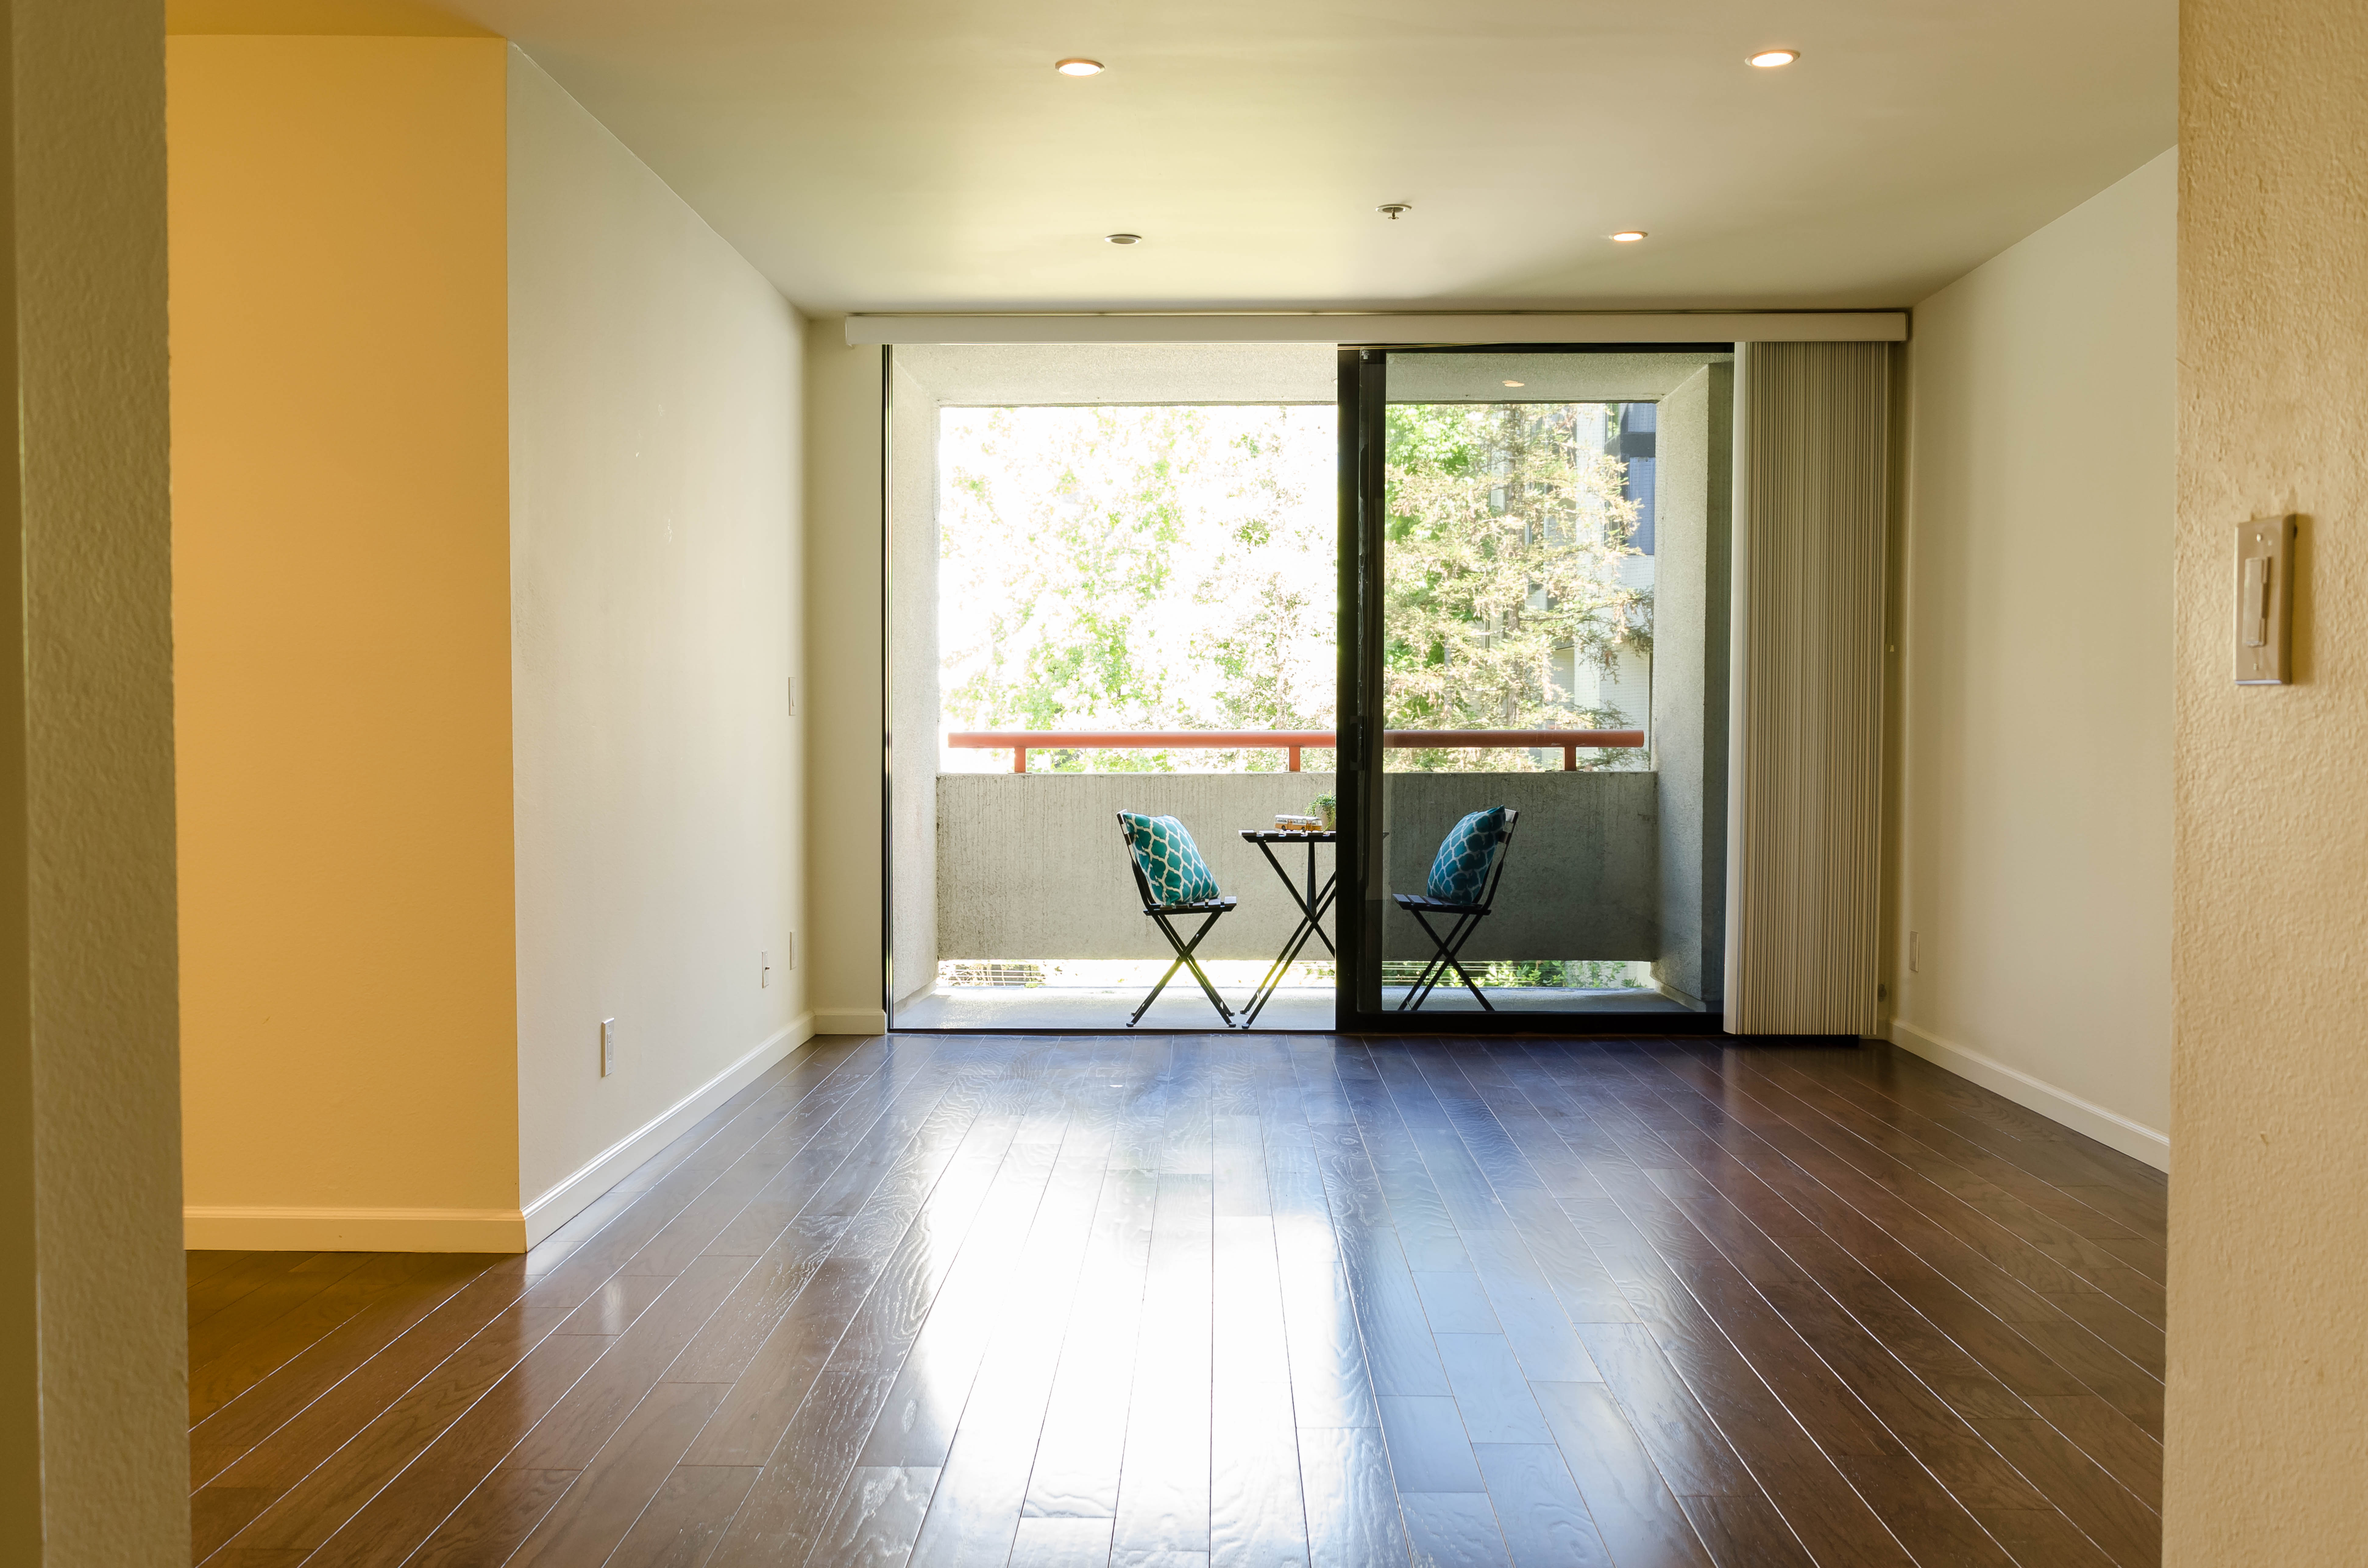 222 S. Central Ave #200 Livingroom 2